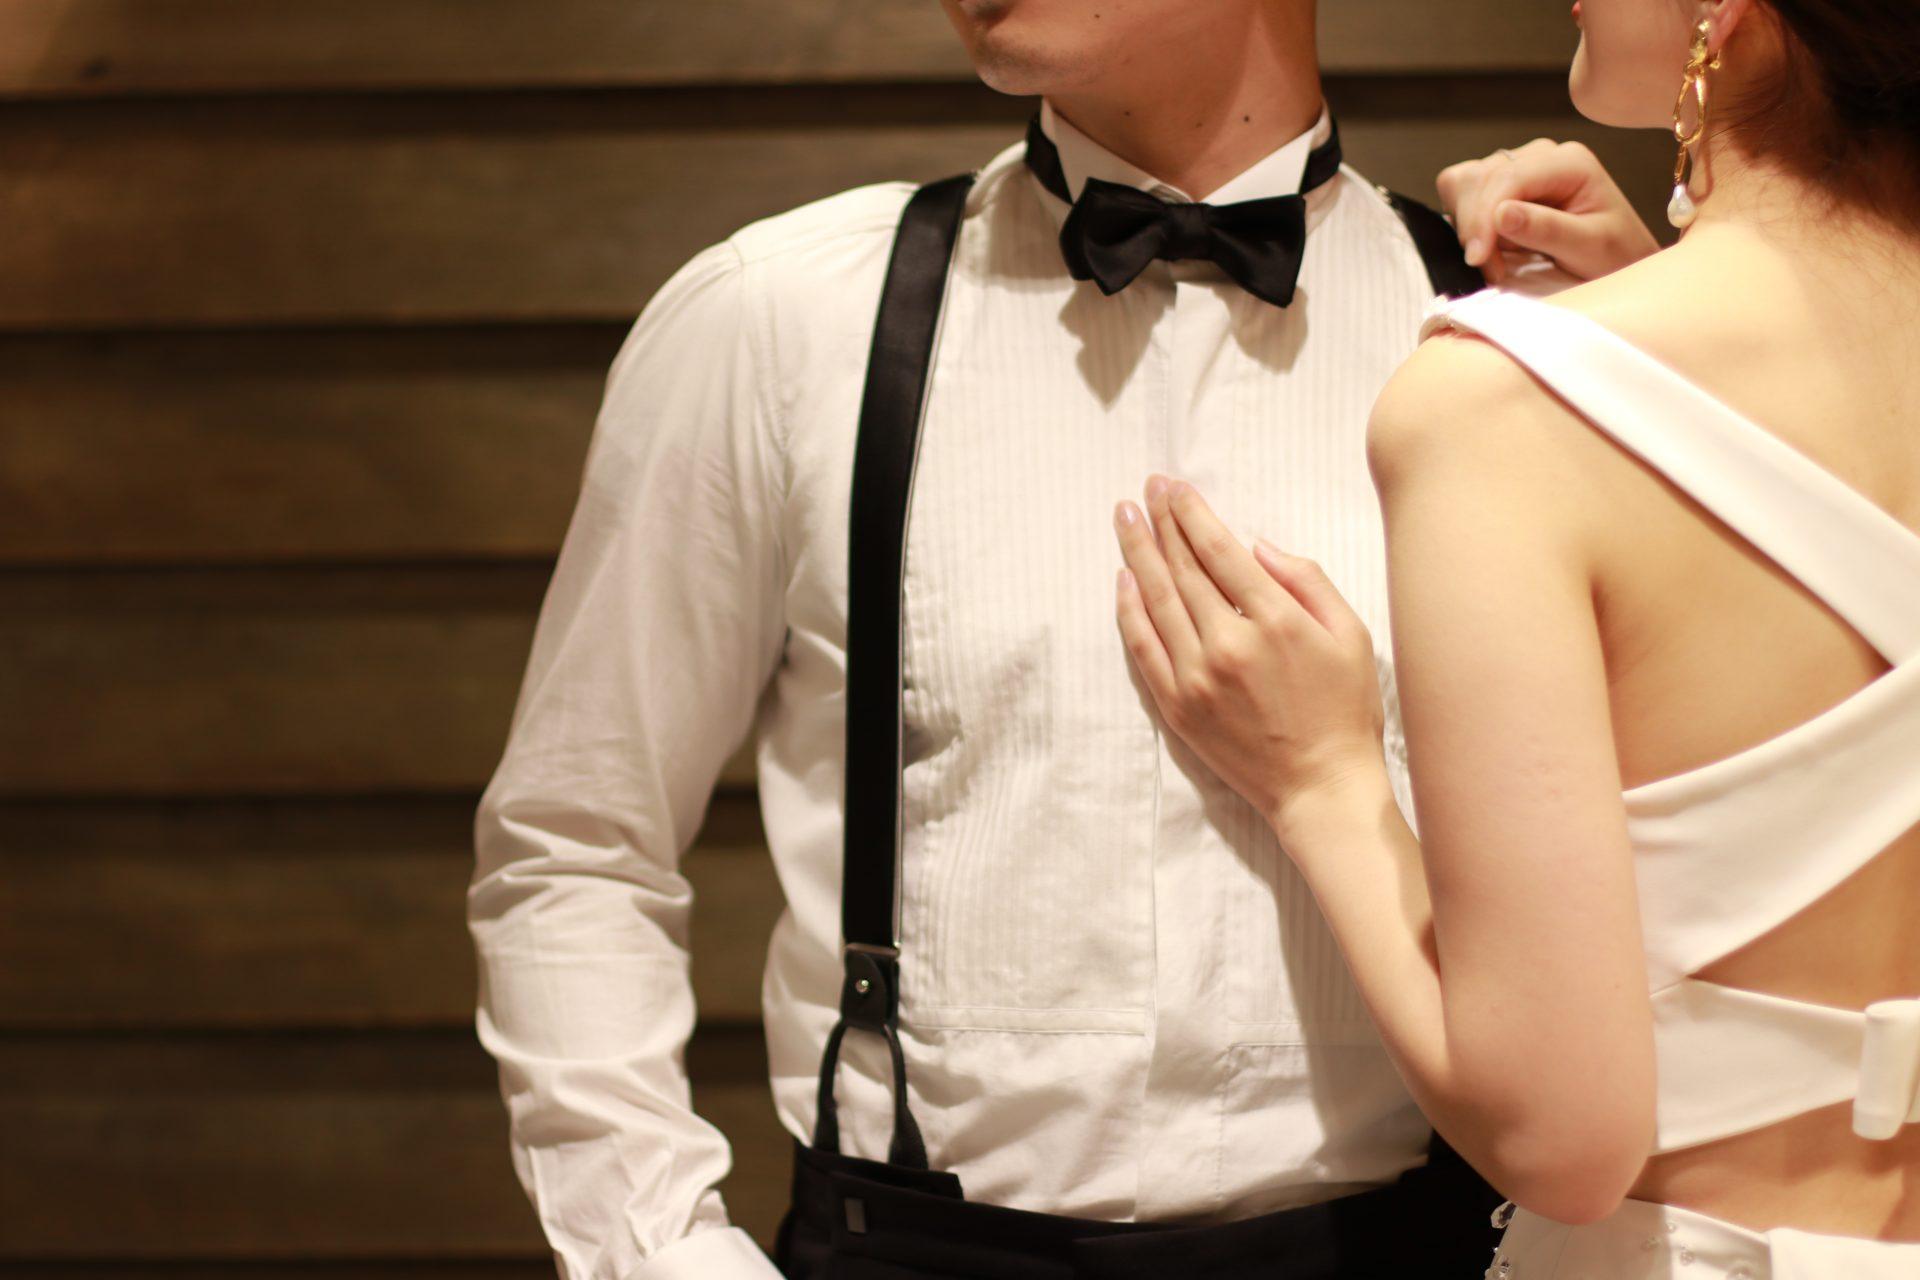 THETREATDRESSINGがご提案する新郎様の披露宴でのシャツスタイルは、ゲストとの距離が近いアットホームなパーティーにぴったりのコーディネートで、インポートドレスとの組み合わせにオススメです